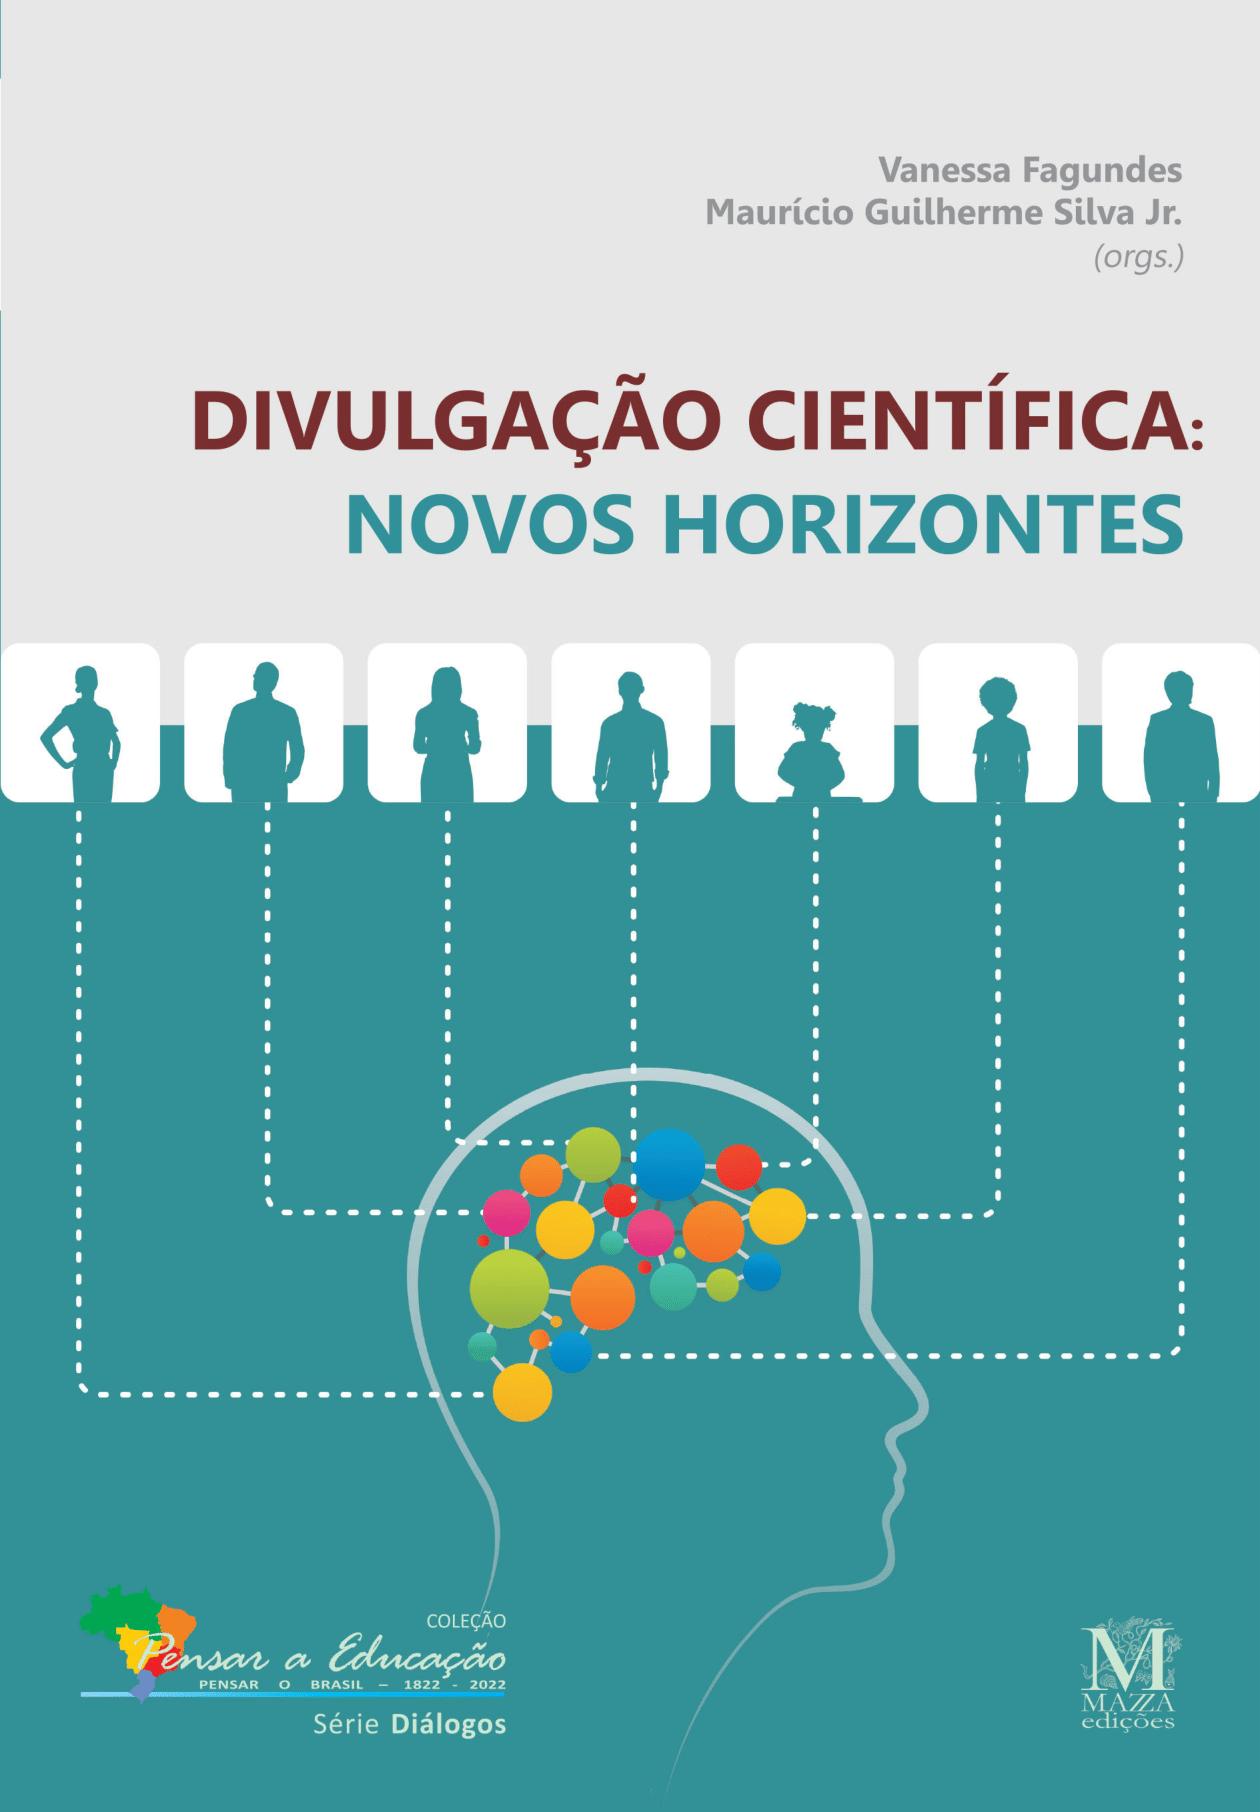 Capa Do  Livro Divulgacao Cientifica Novos Horizontes